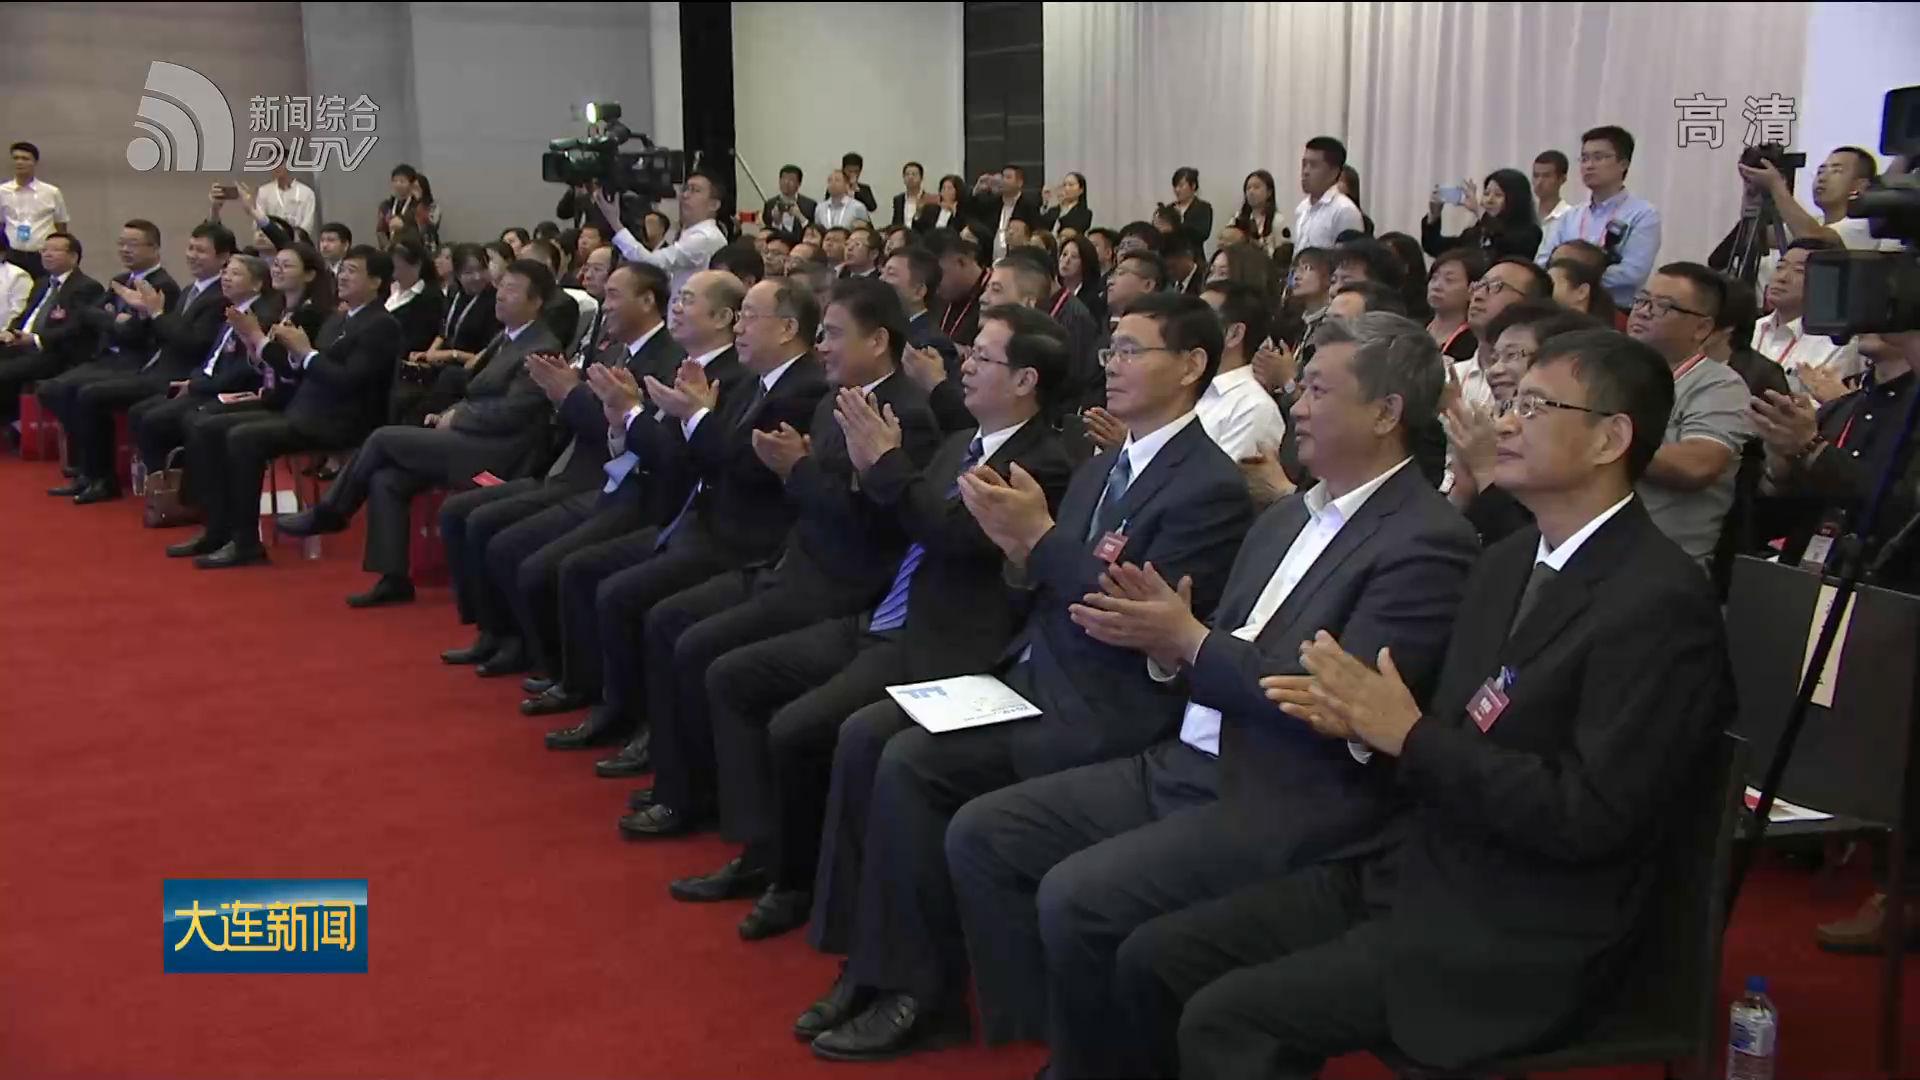 中国数交会举行数字经济项目签约暨揭牌仪式